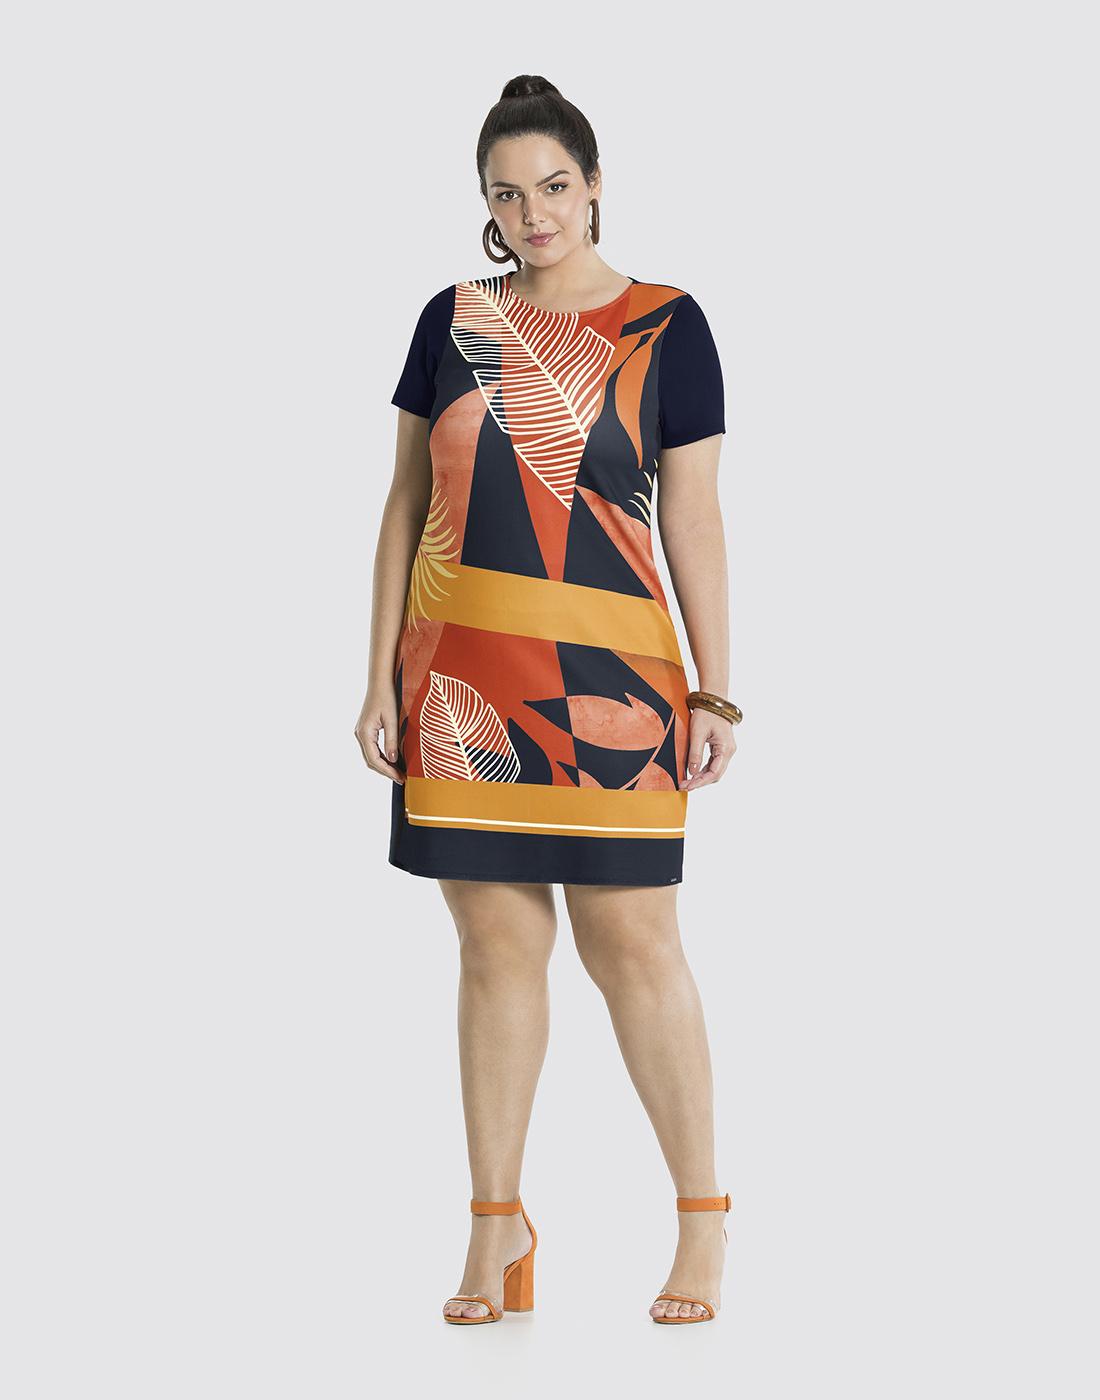 Vestido Estampado em Malha Diagonal Venecia Marinho Action Lunender Mais Mulher